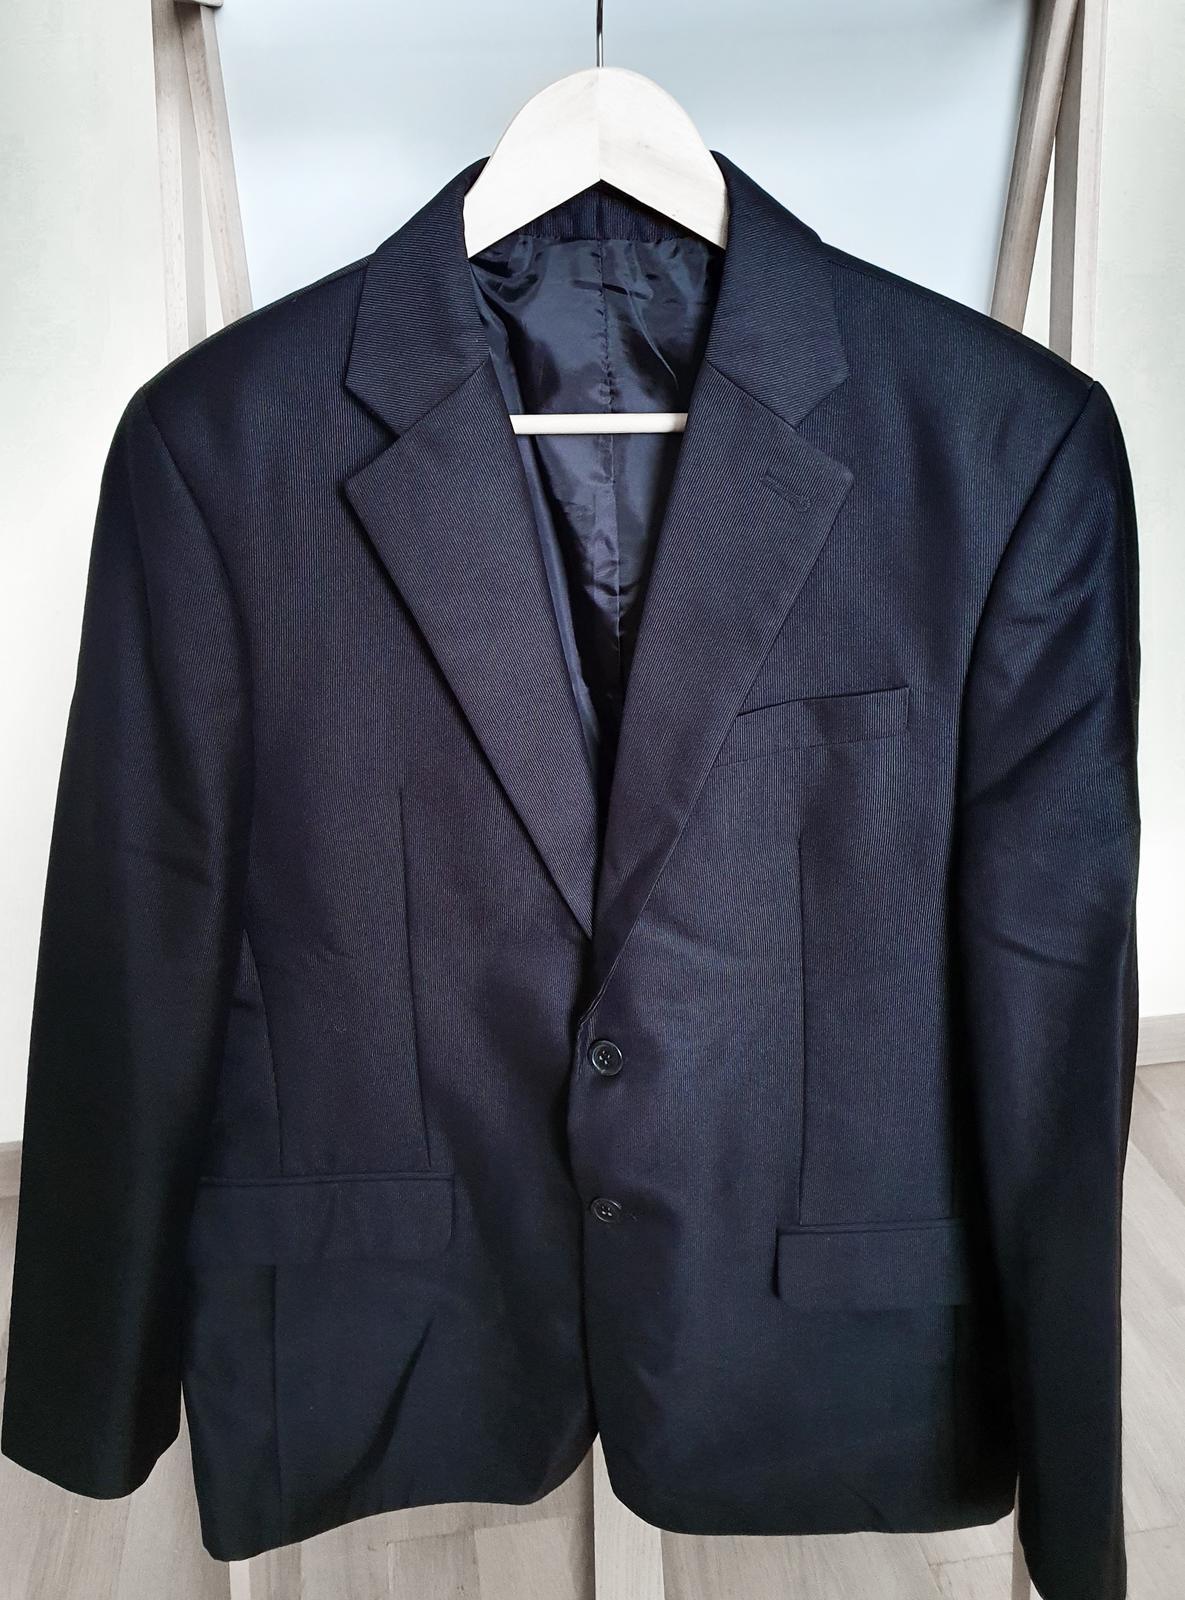 Pánsky oblek čierny - Obrázok č. 1